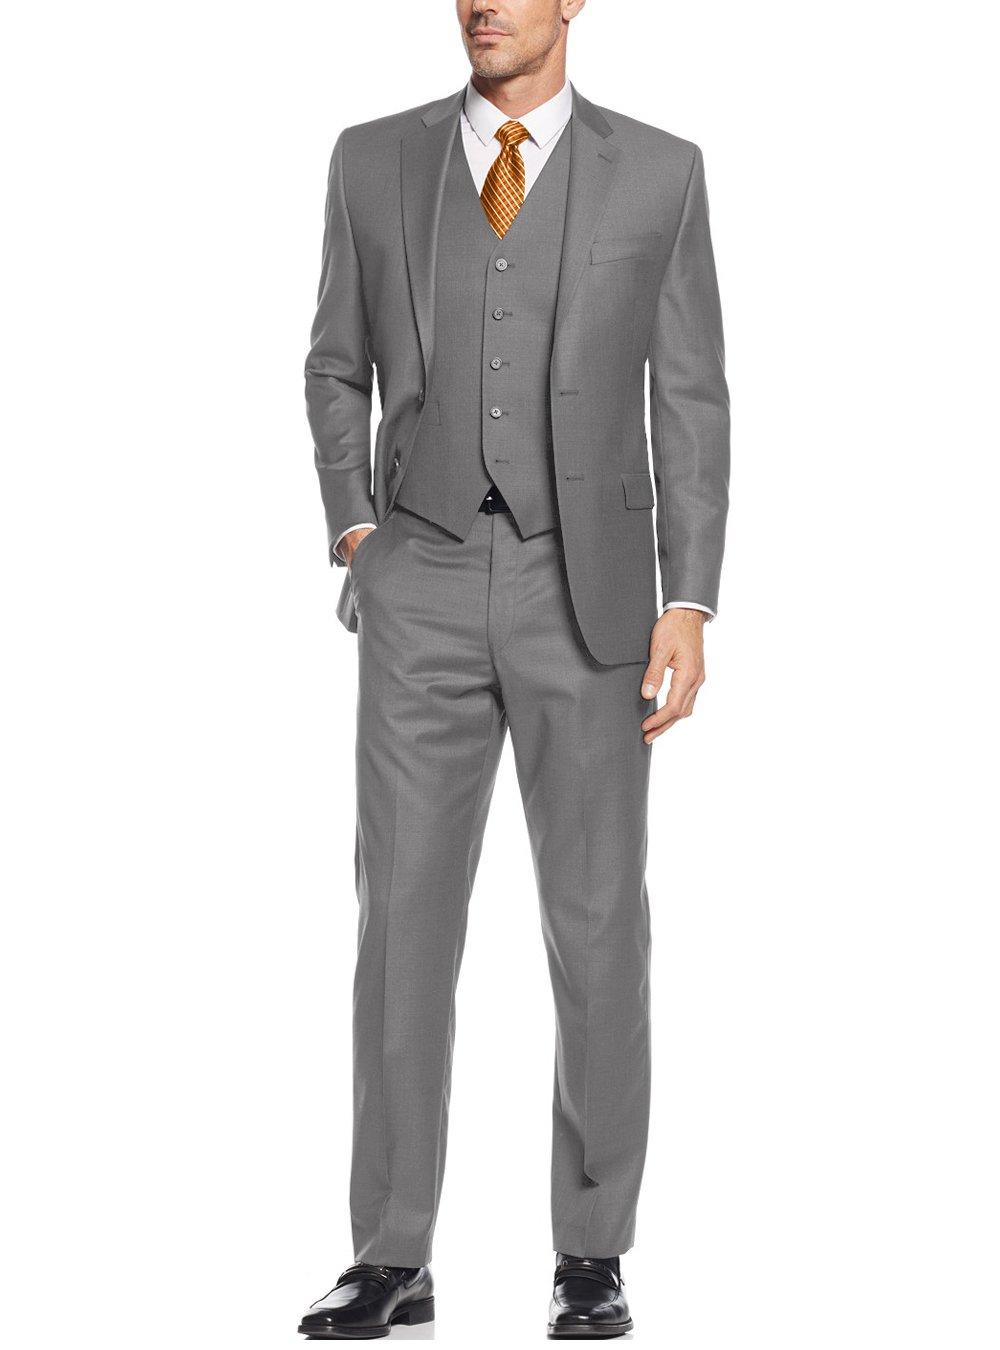 Salvatore Exte Mens Suit Vested Three Piece Blazer Jacket Dress Vest Plus Pants (44 Regular US / 54R EU/W 38'', Gray)